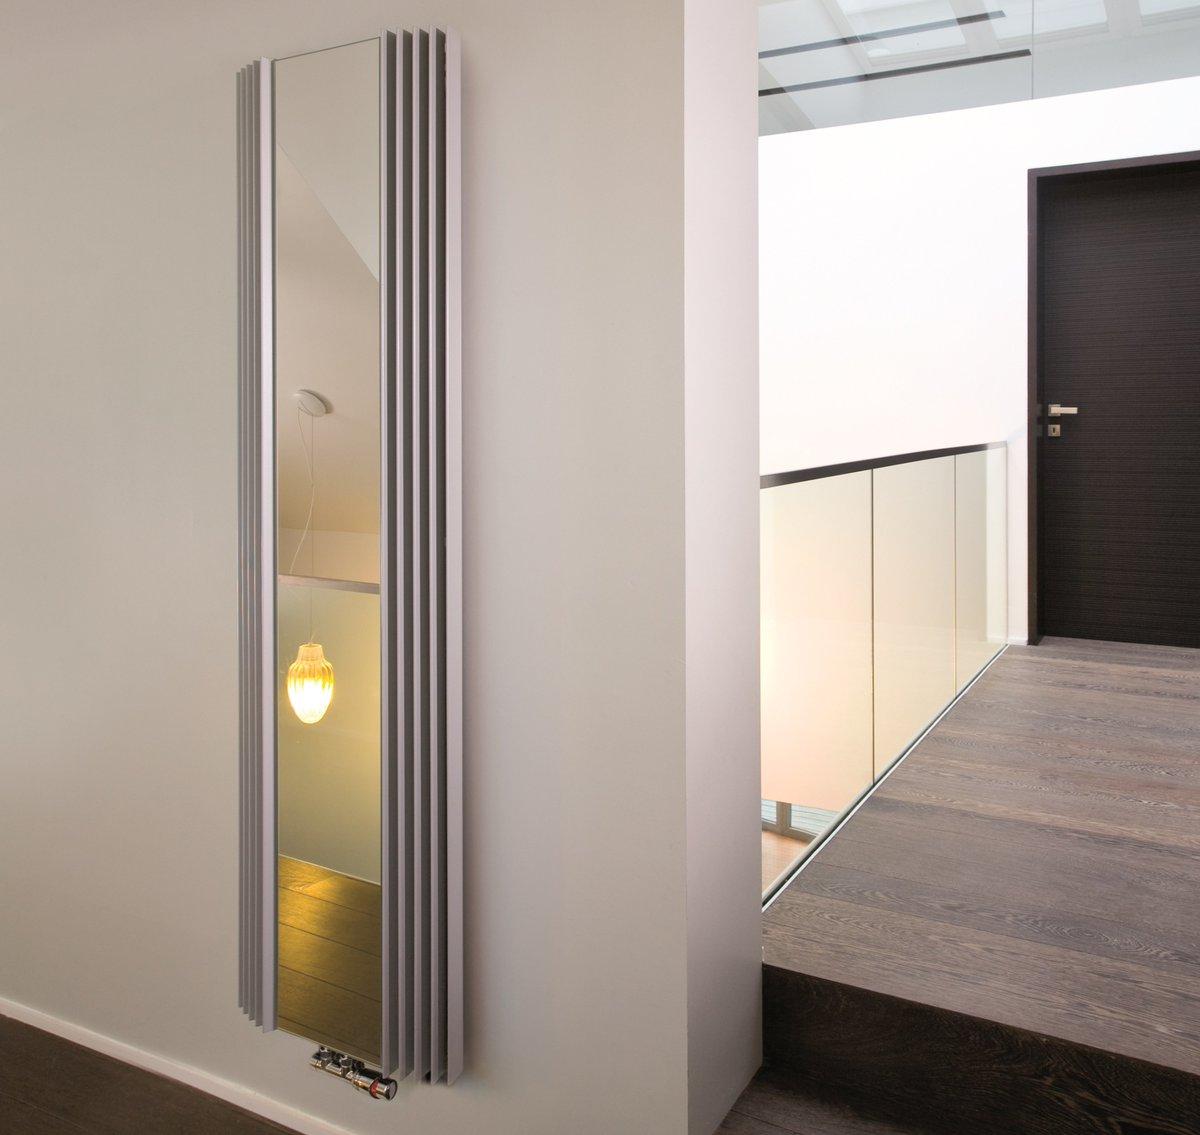 Httpswww bad design heizung dedesign heizkoerper spiegel 220 x ab 51 cm ab 1042 wattheizkoerperdesignheizkoerper design heizkoerper 220a 1566